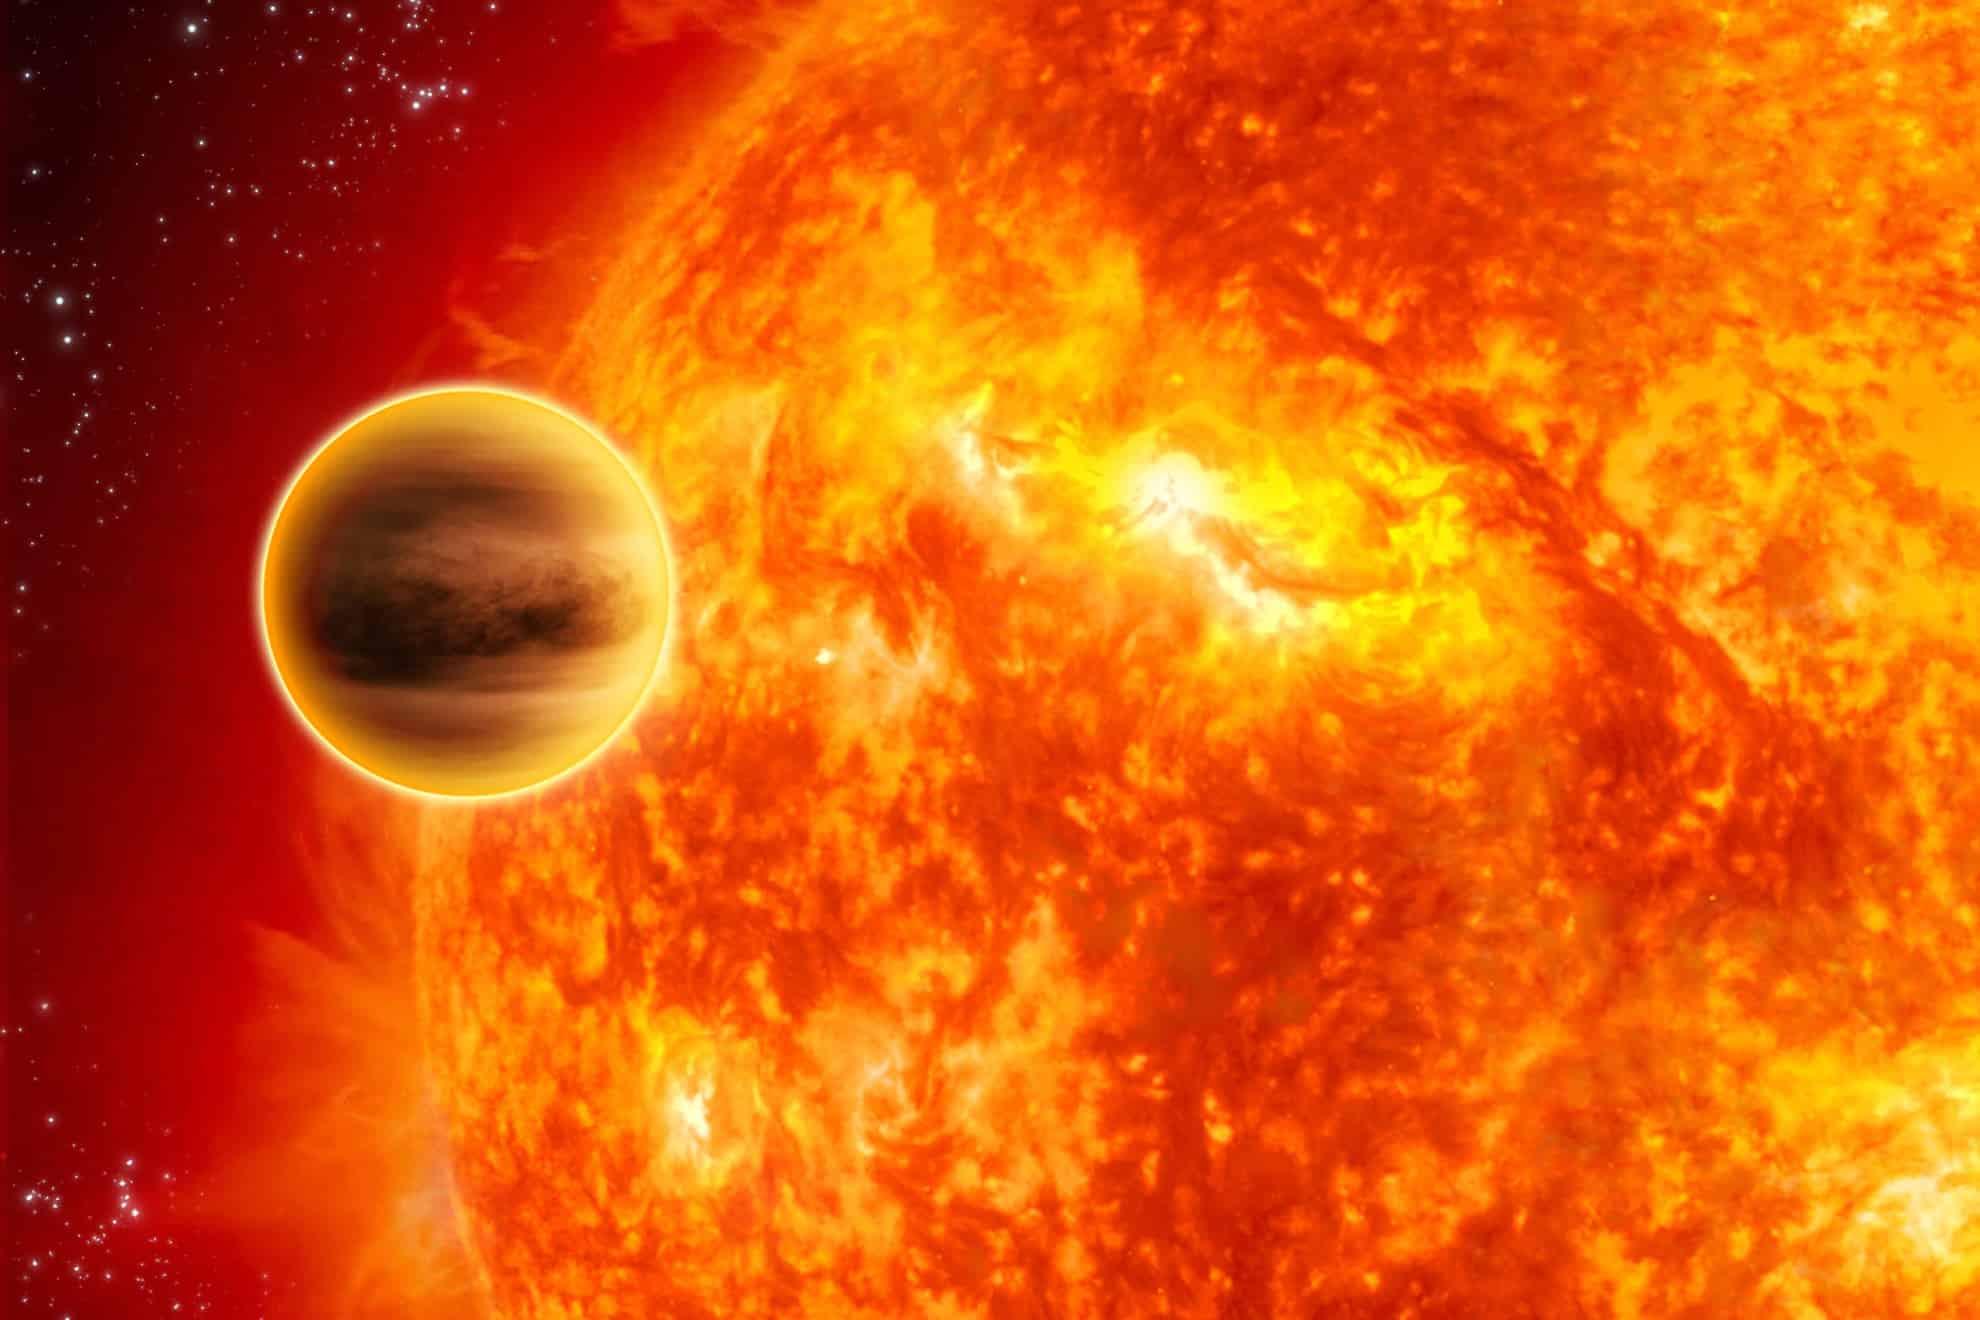 Resultado de imagen de La gigante roja engullirá Mercurio y Venus y posiblemente la Tierra